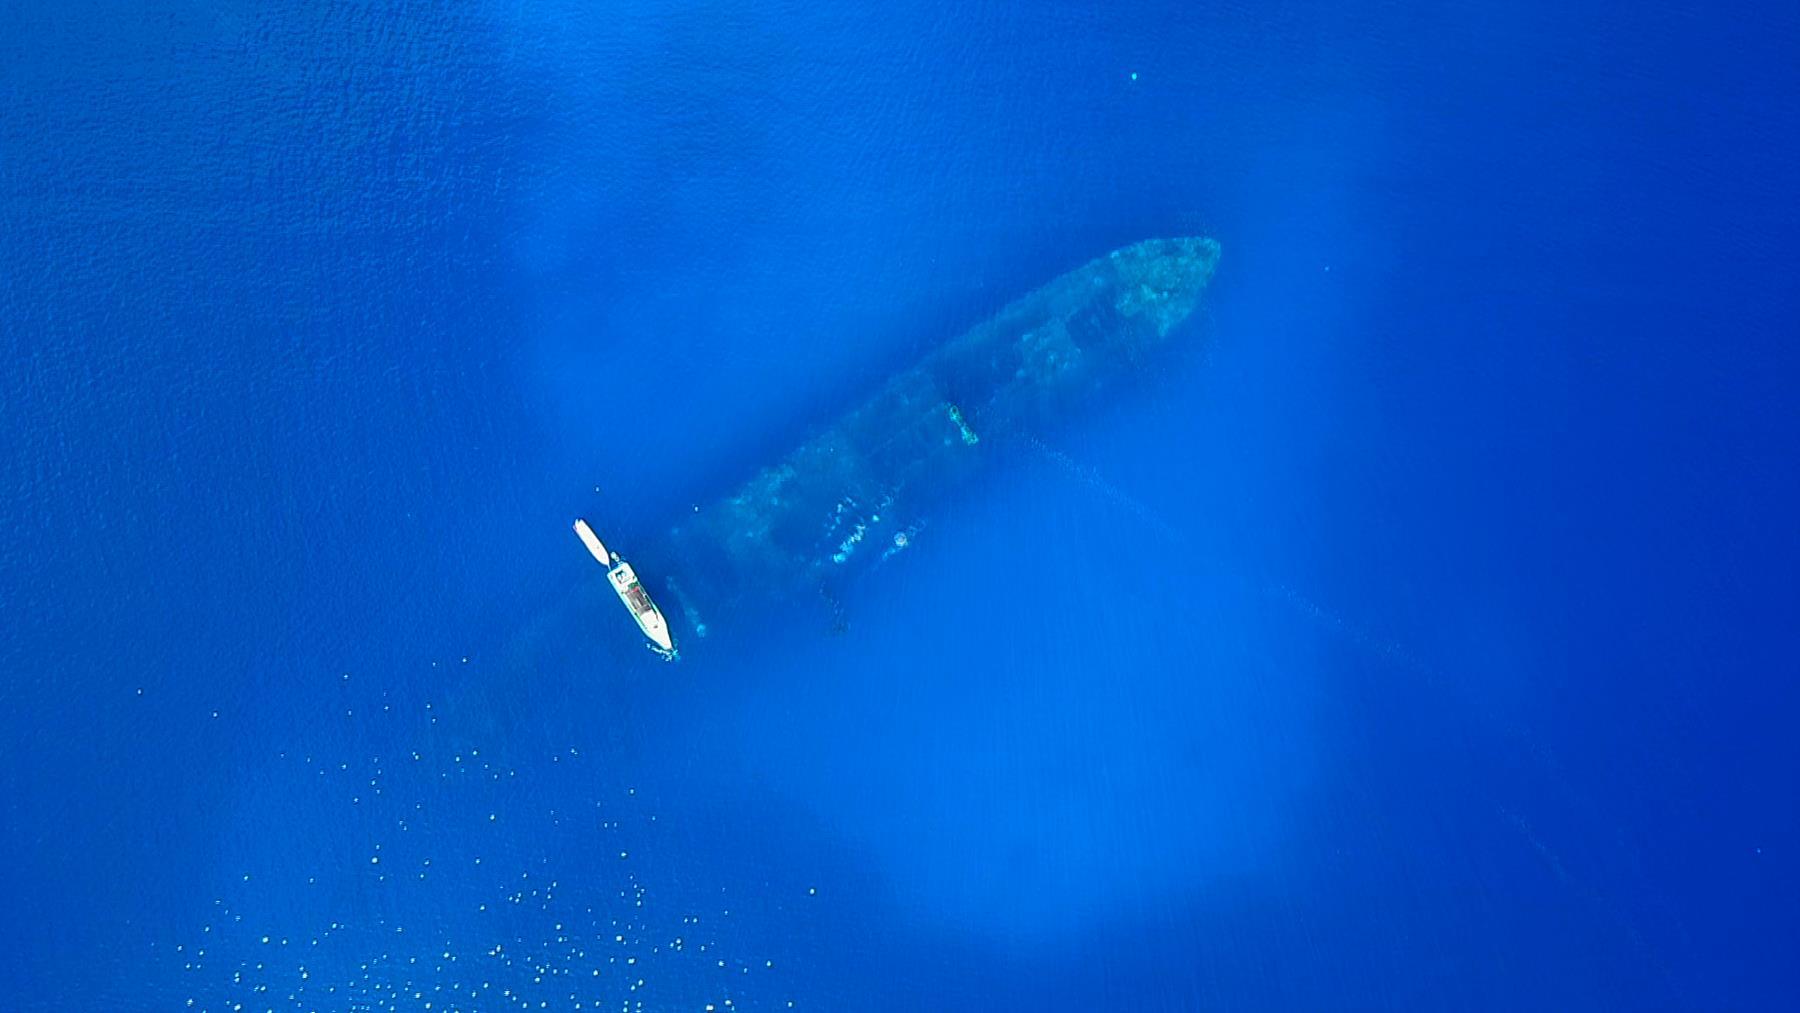 세계테마기행 - 적도 위에 푸르른, 미크로네시아 3부 오래된 미래